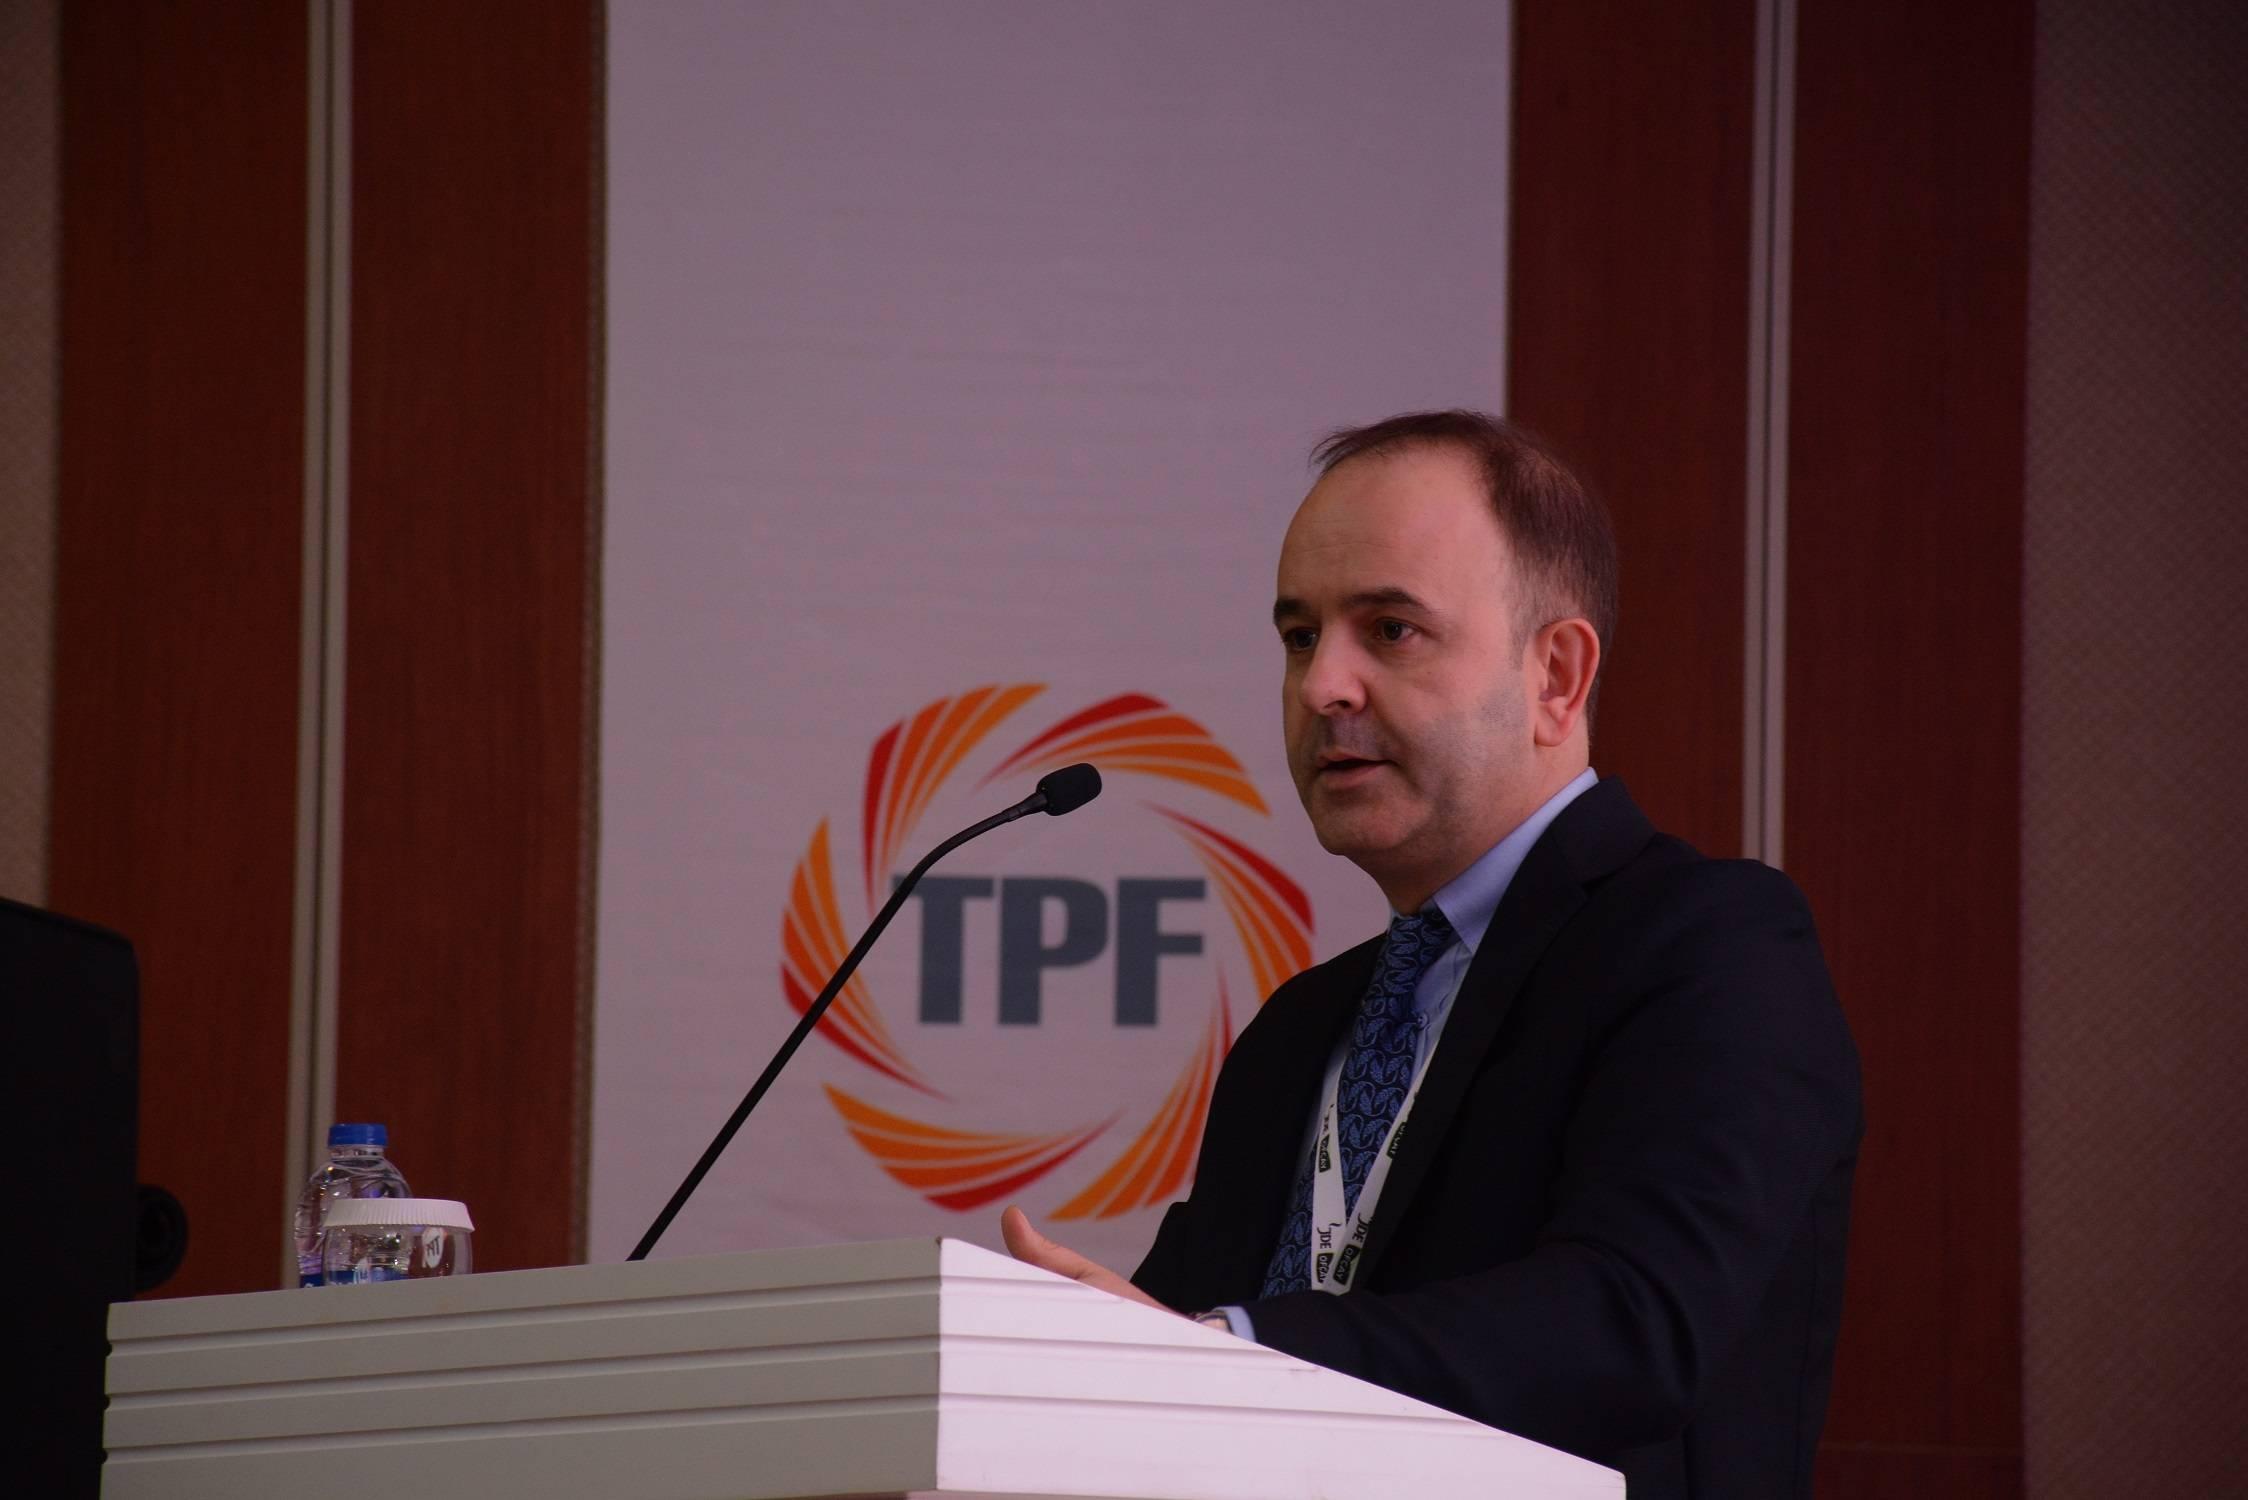 TPF'nin hedefi her kesim için sürdürülebilir bir gelecek